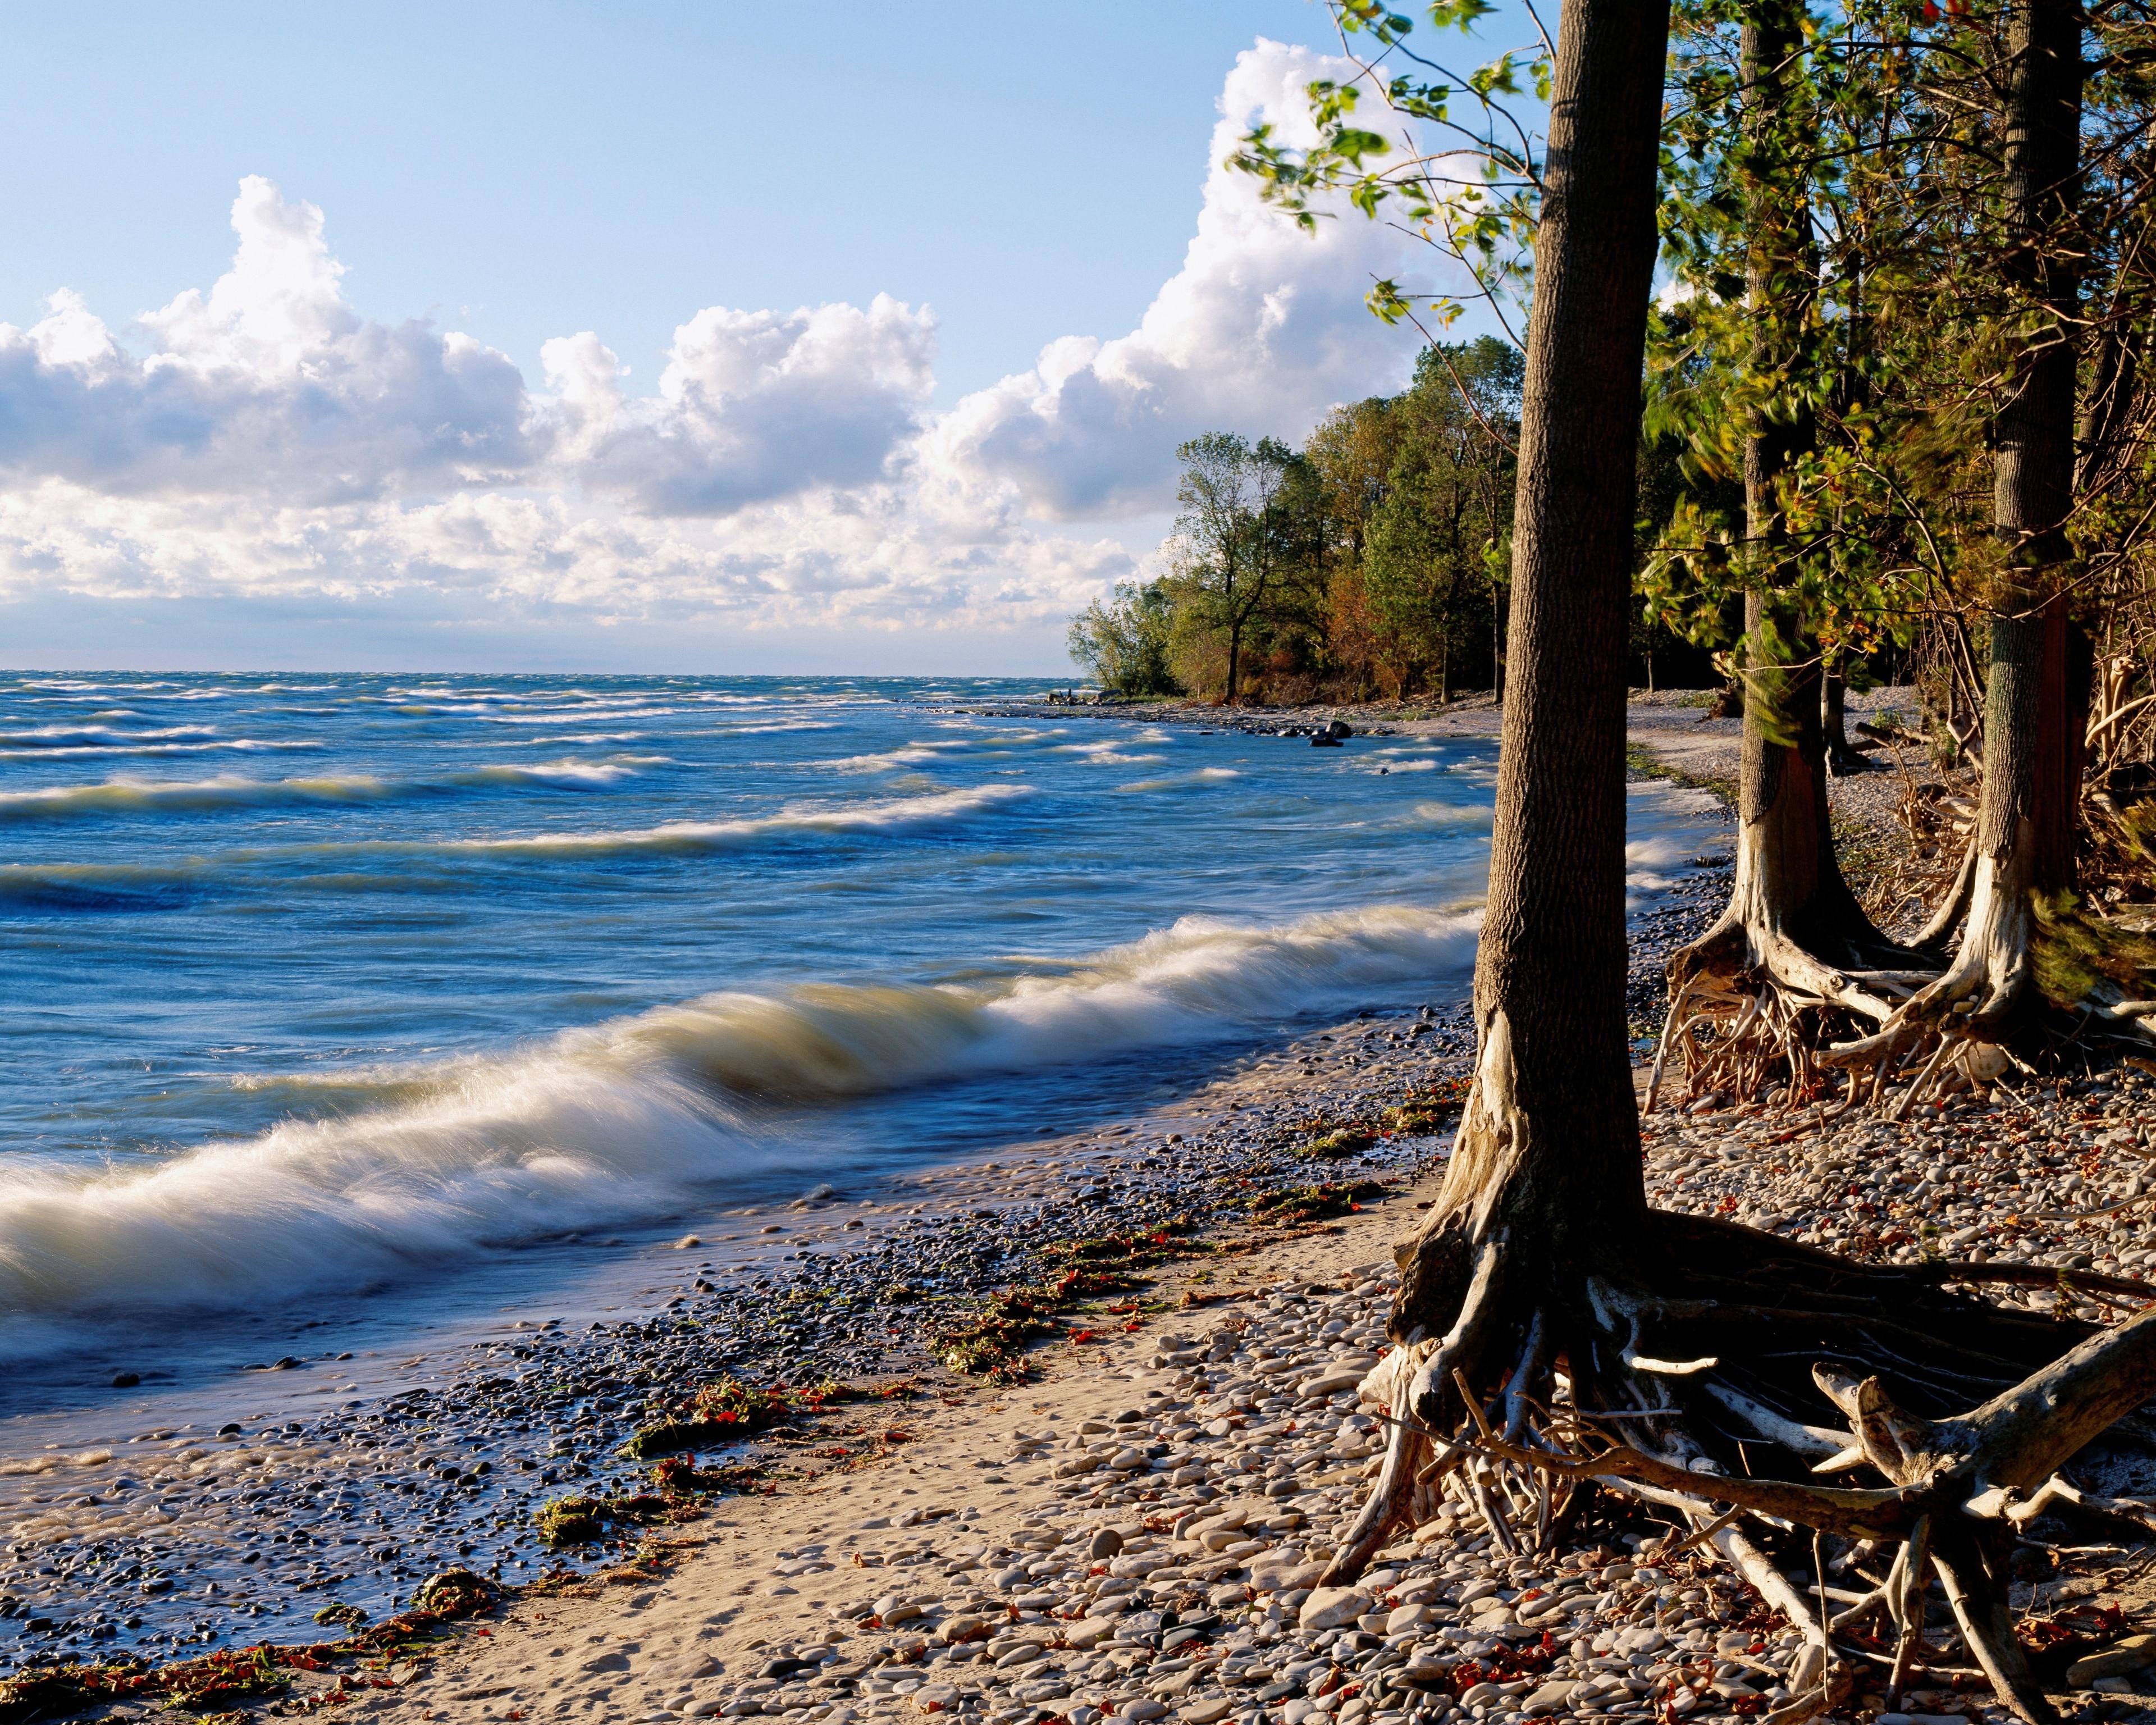 Kelleys Island, Ohio, United States of America